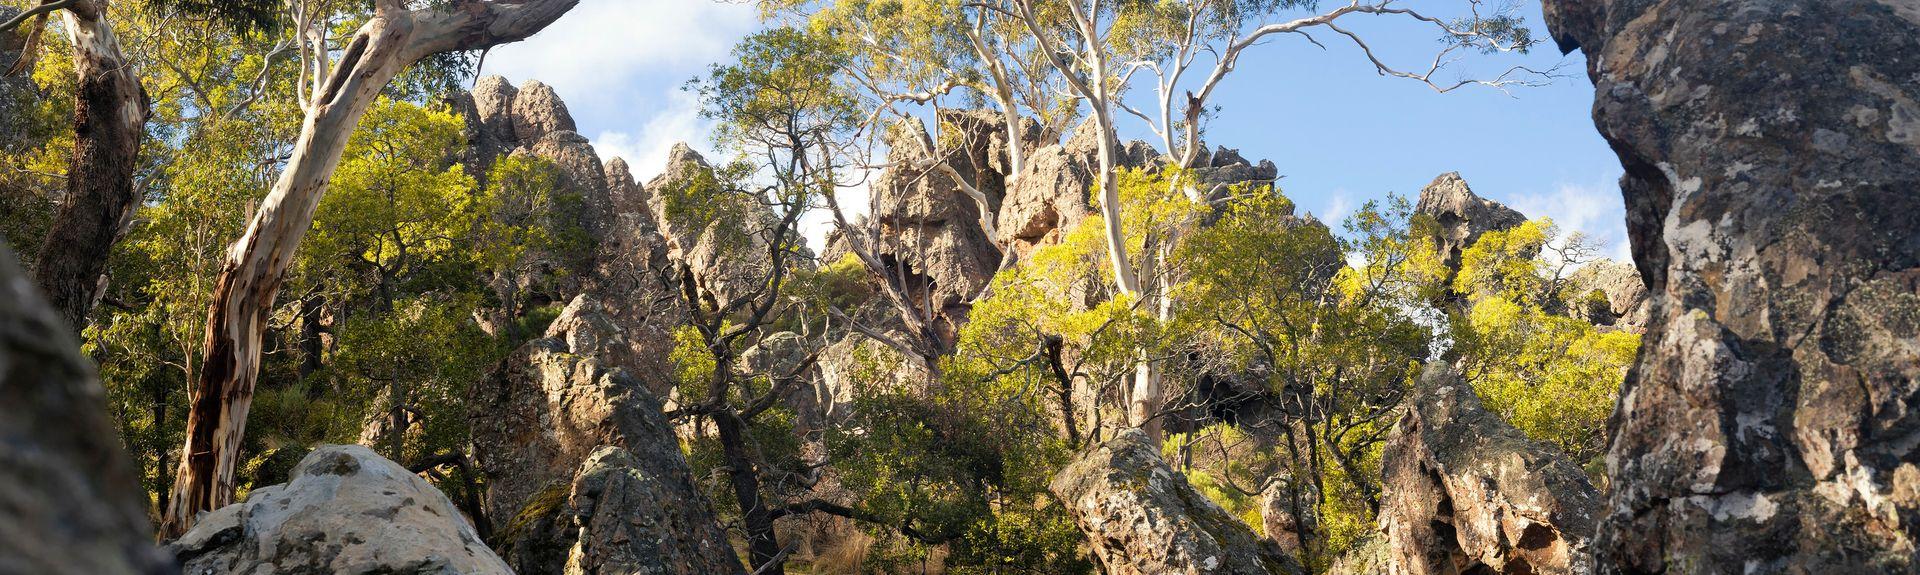 Woodend, Victoria, Australia